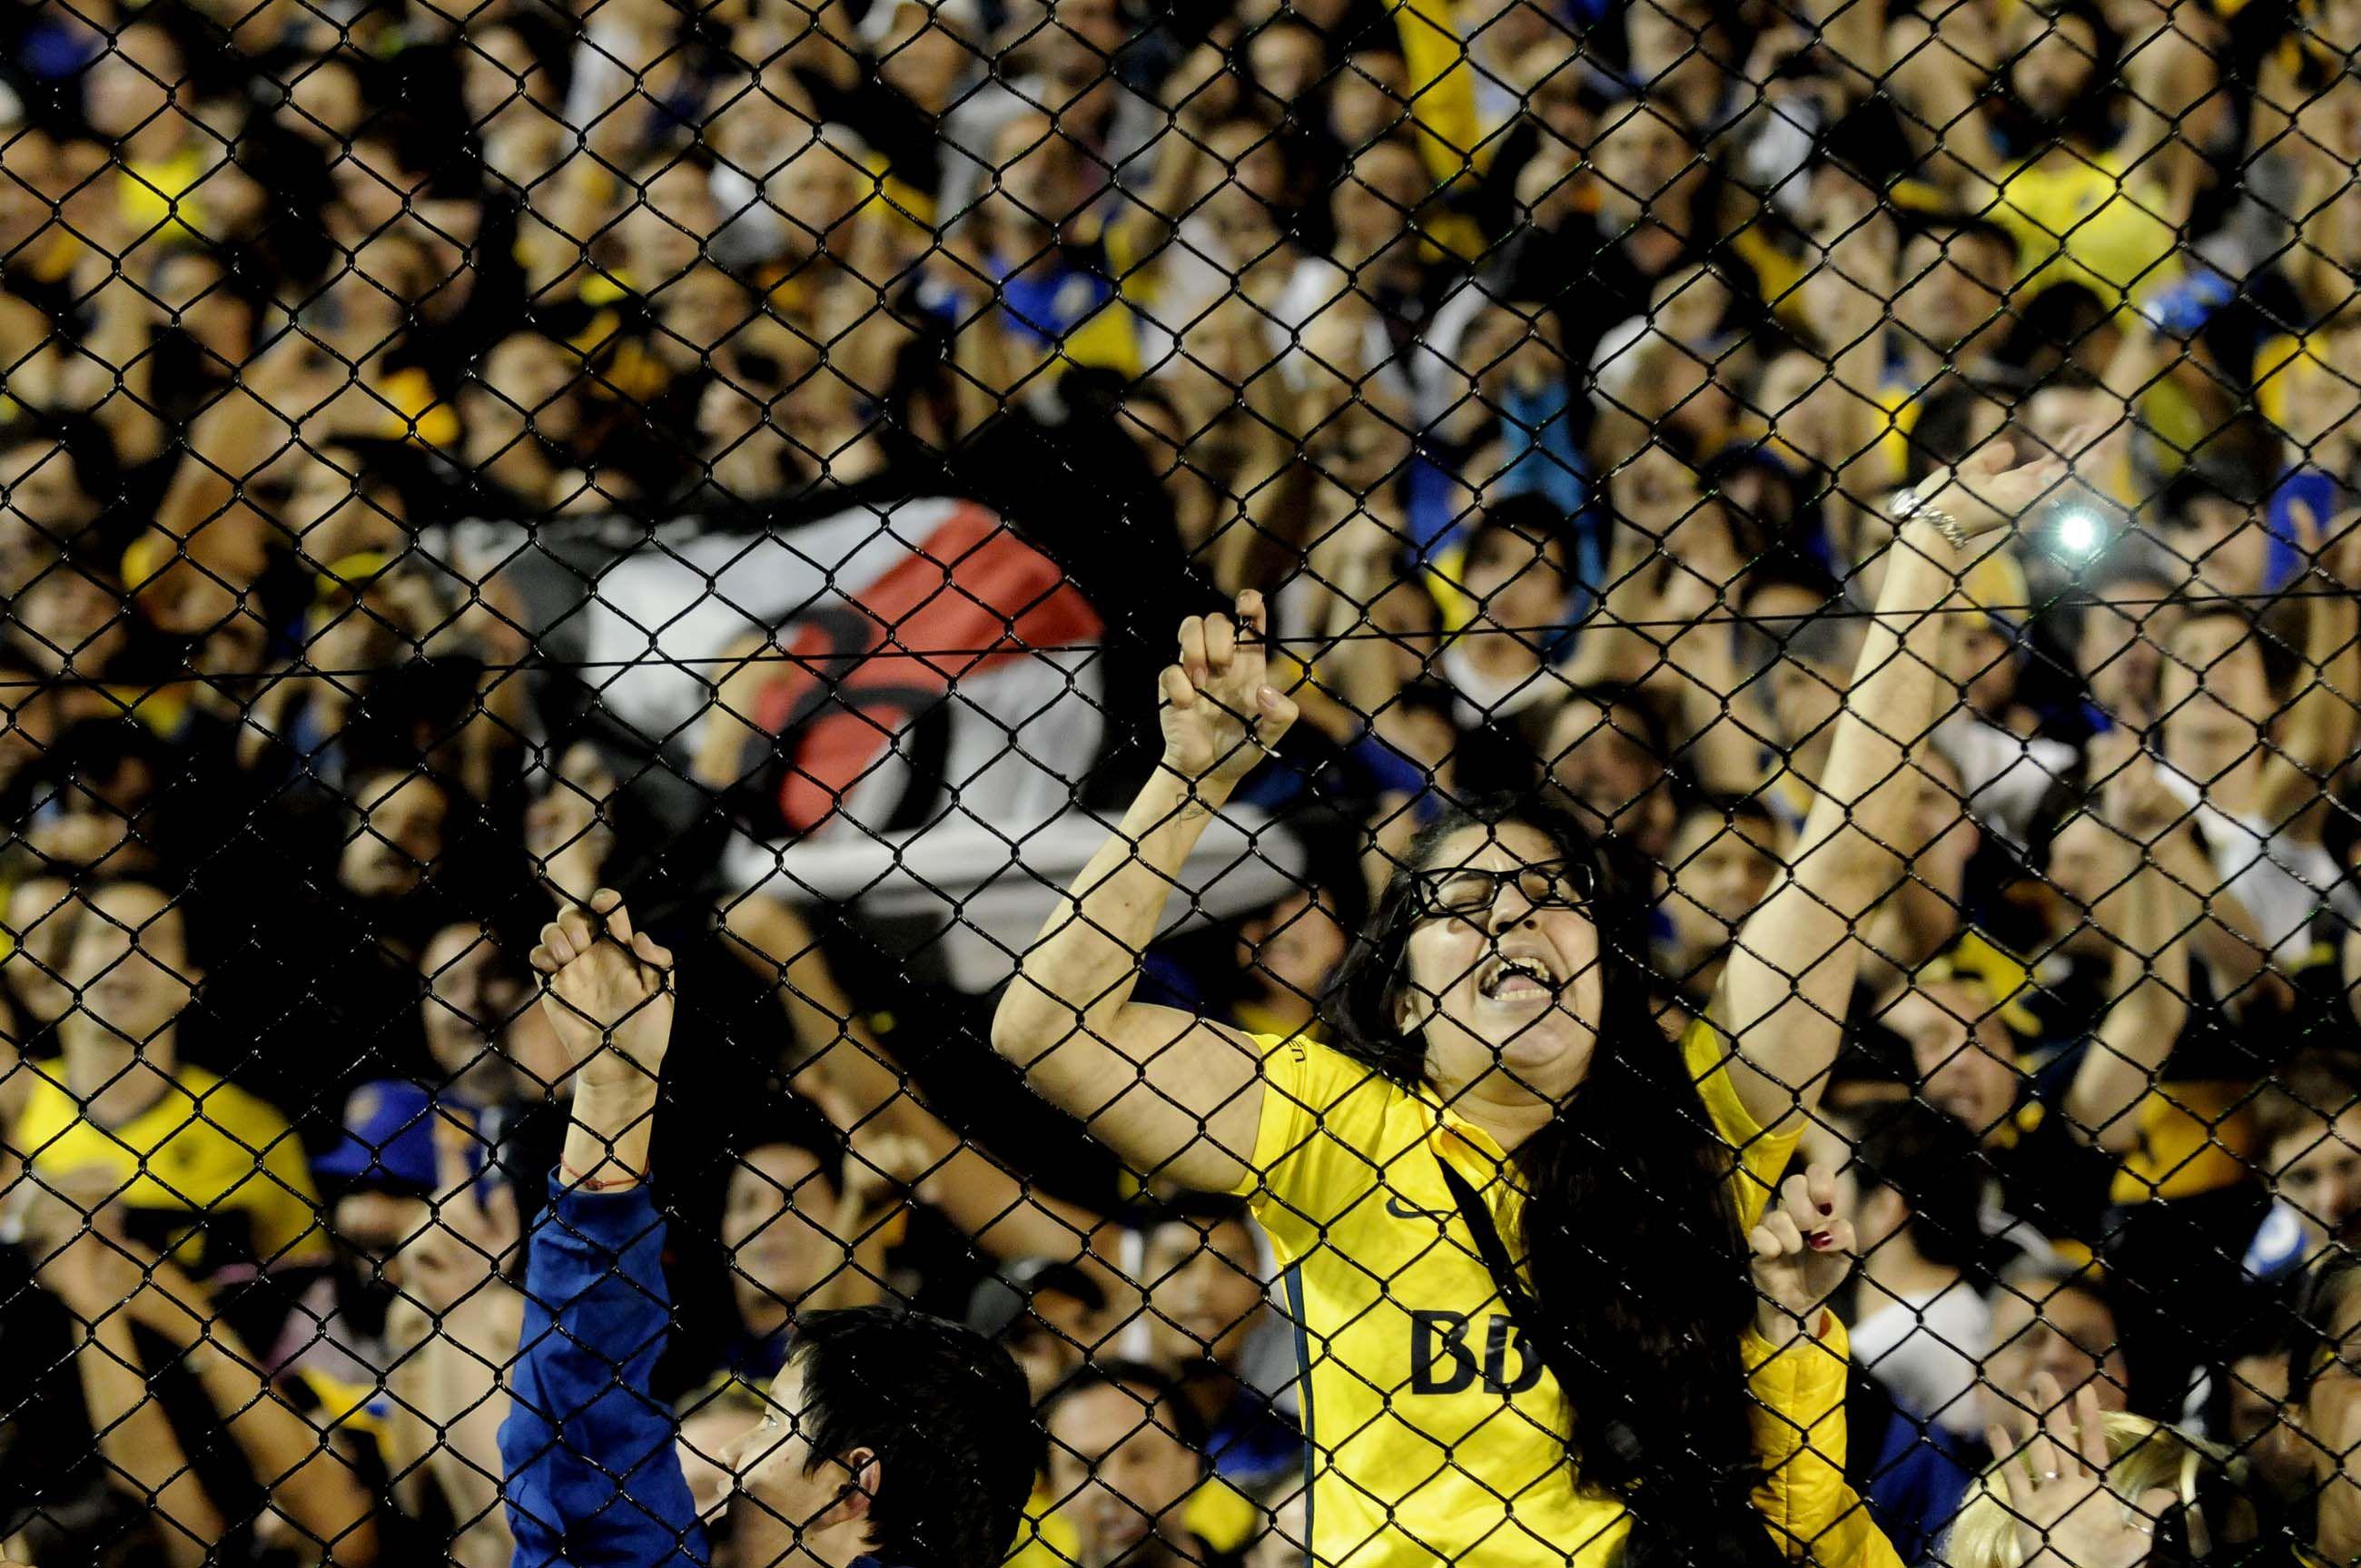 Un equipo brasileño se quejó por la posible amnistía de Conmebol a Boca